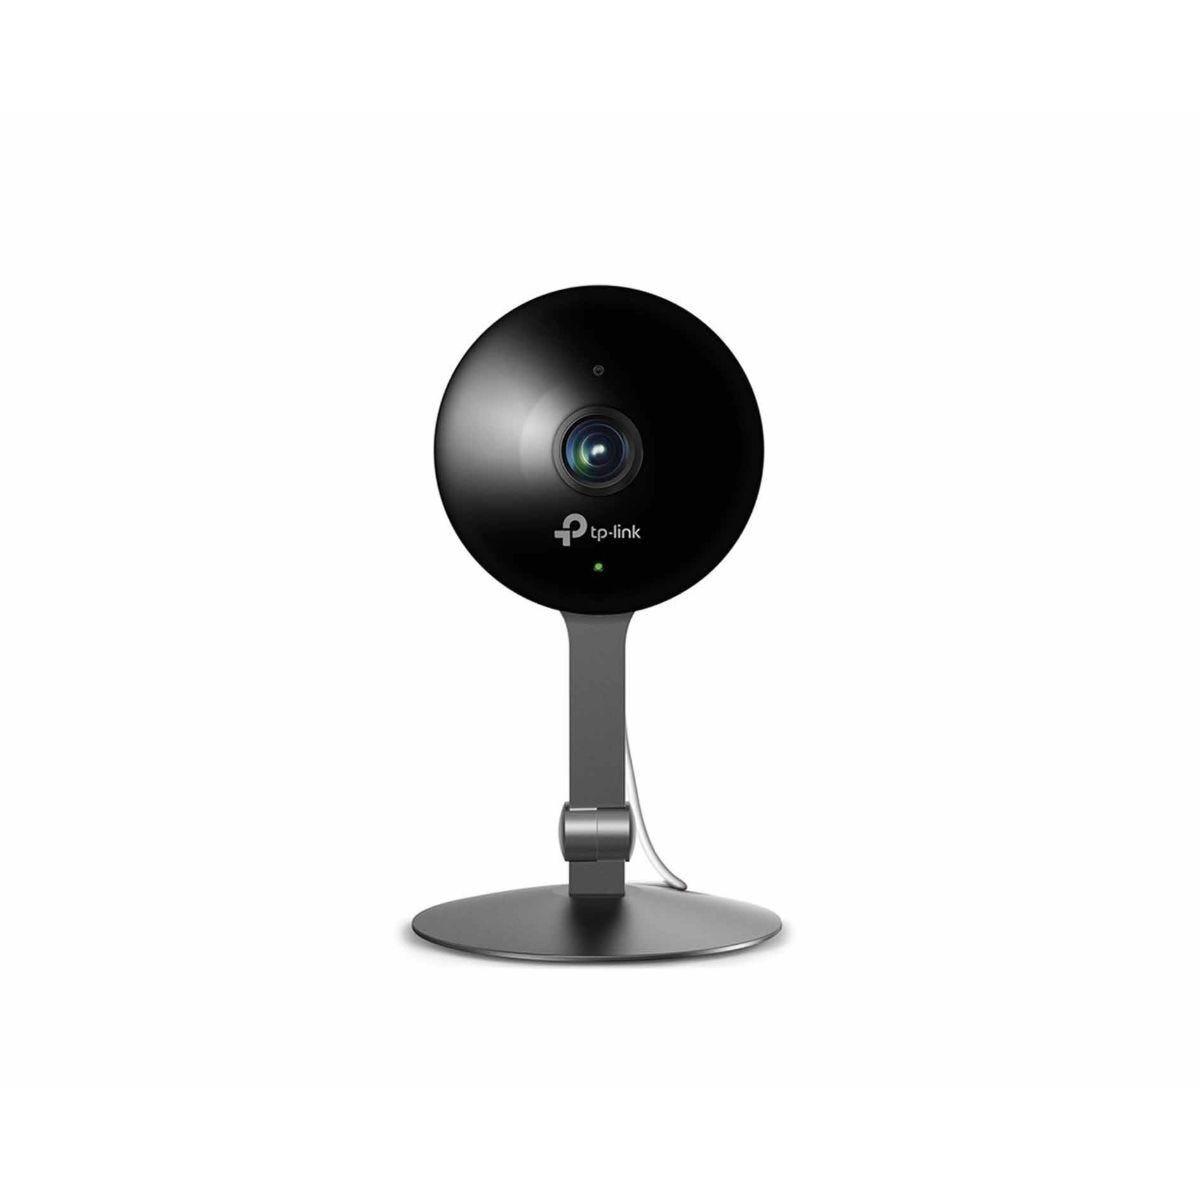 TP Link KC120 Kasa 1080p Smart Security Camera